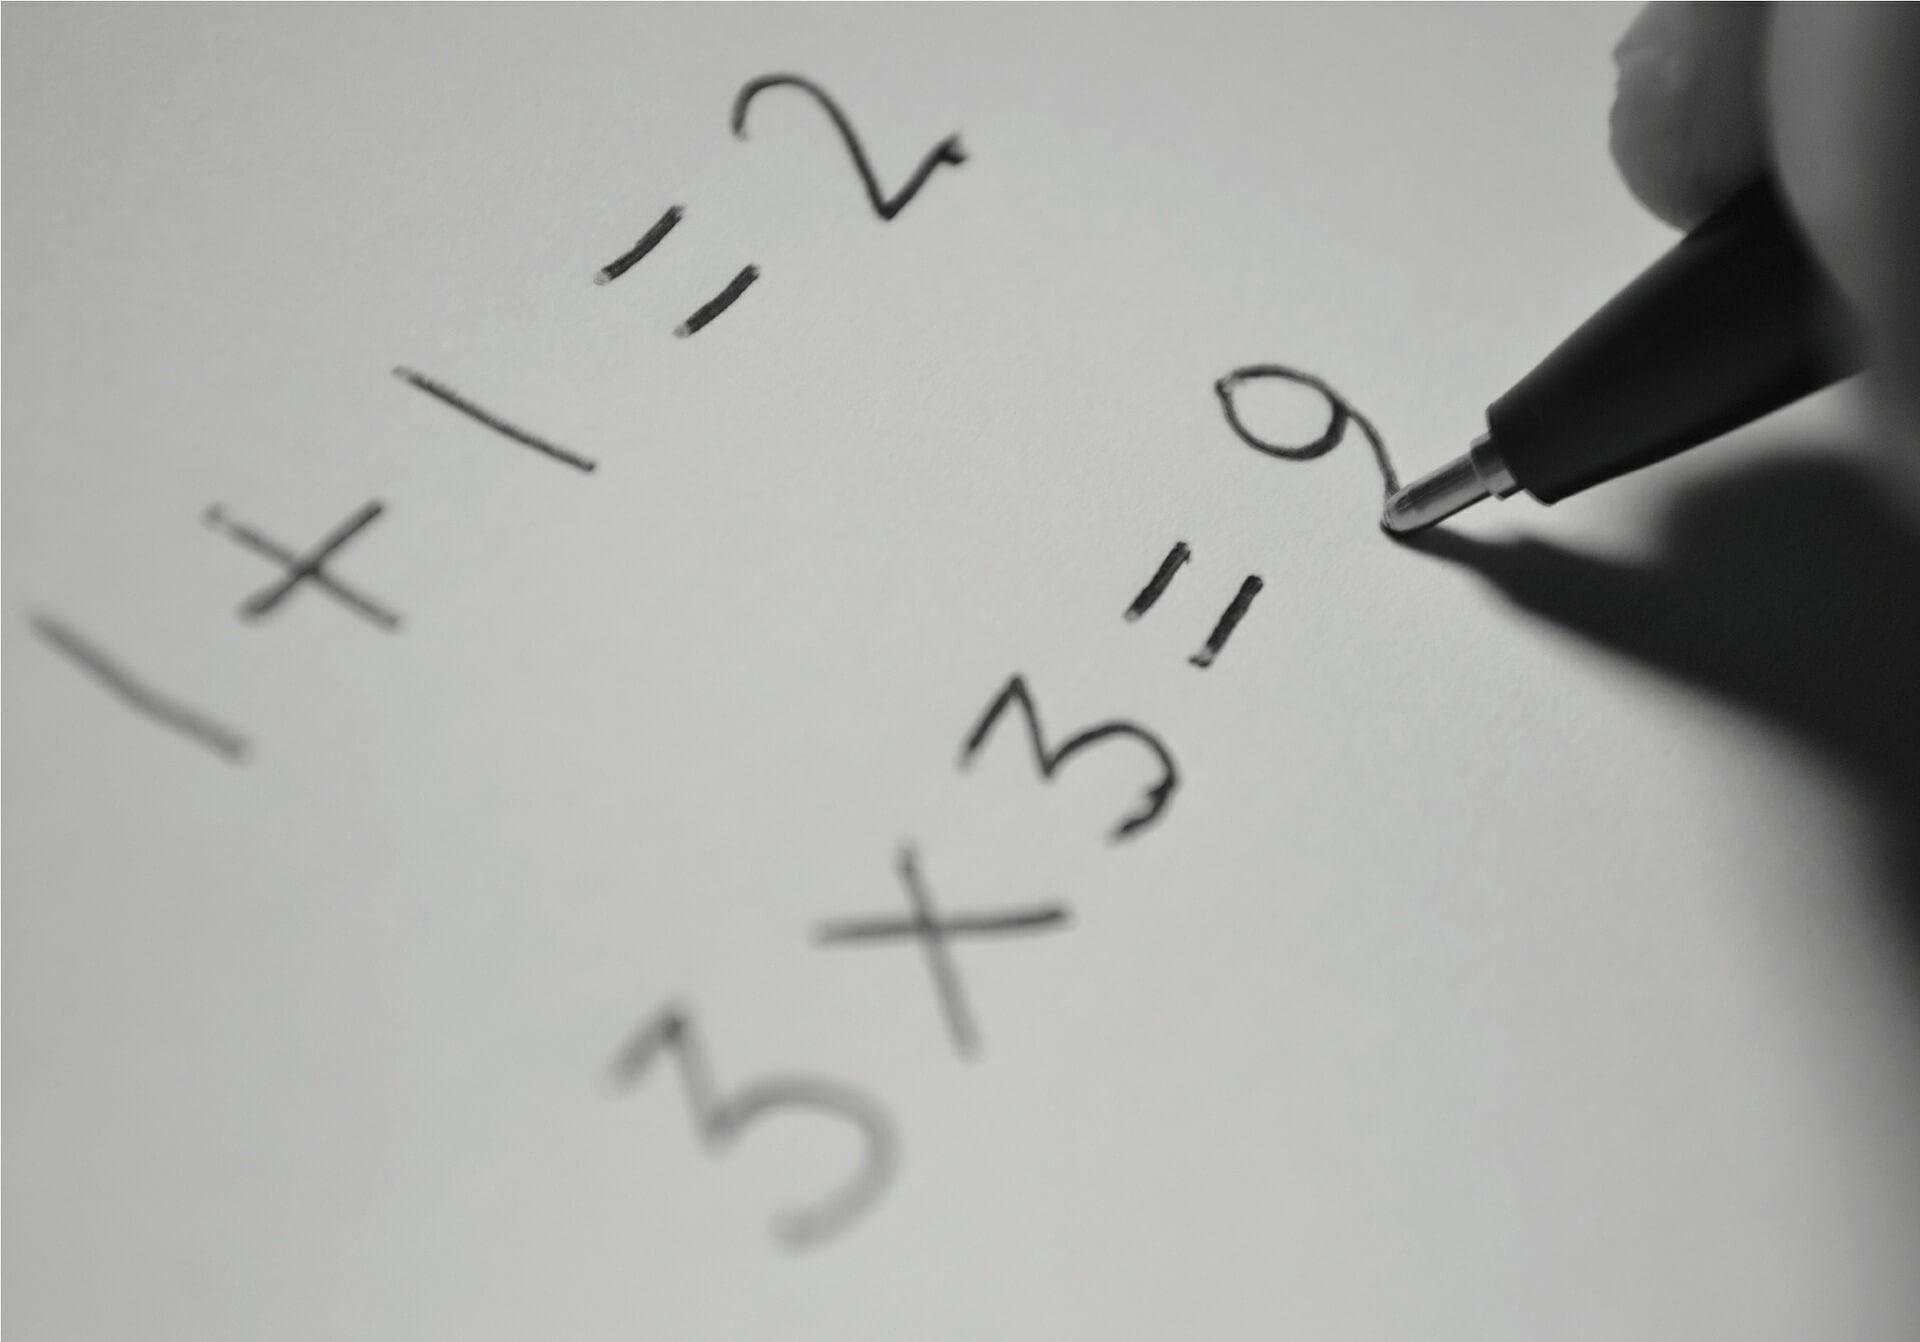 [Zadatak dana] Učenici 5. razreda ovo moraju znati bez kalkulatora, pokušajte ga vi riješiti